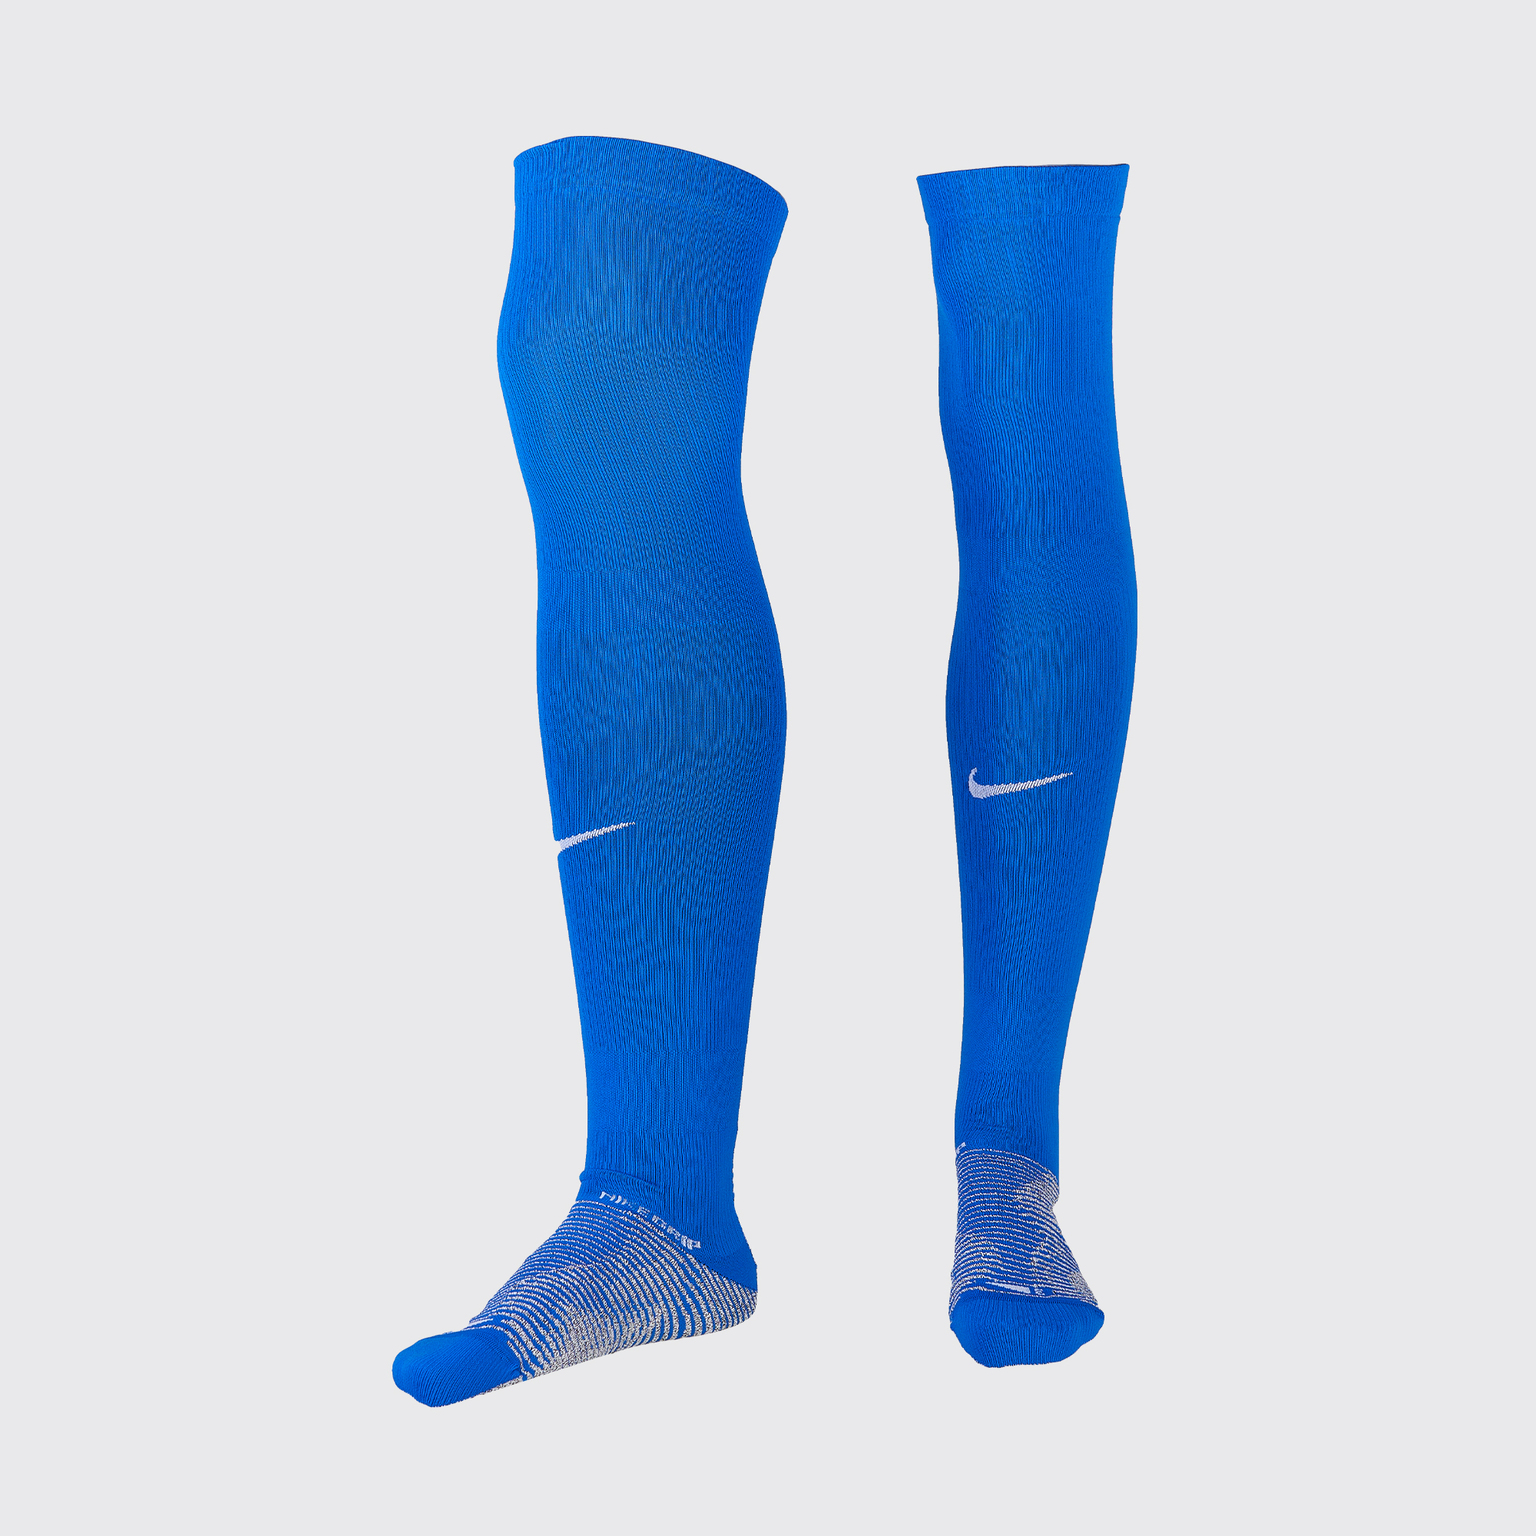 Гетры Nike Strike Knee High SK0035-463 гетры nike strike light otc wc sx6938 463